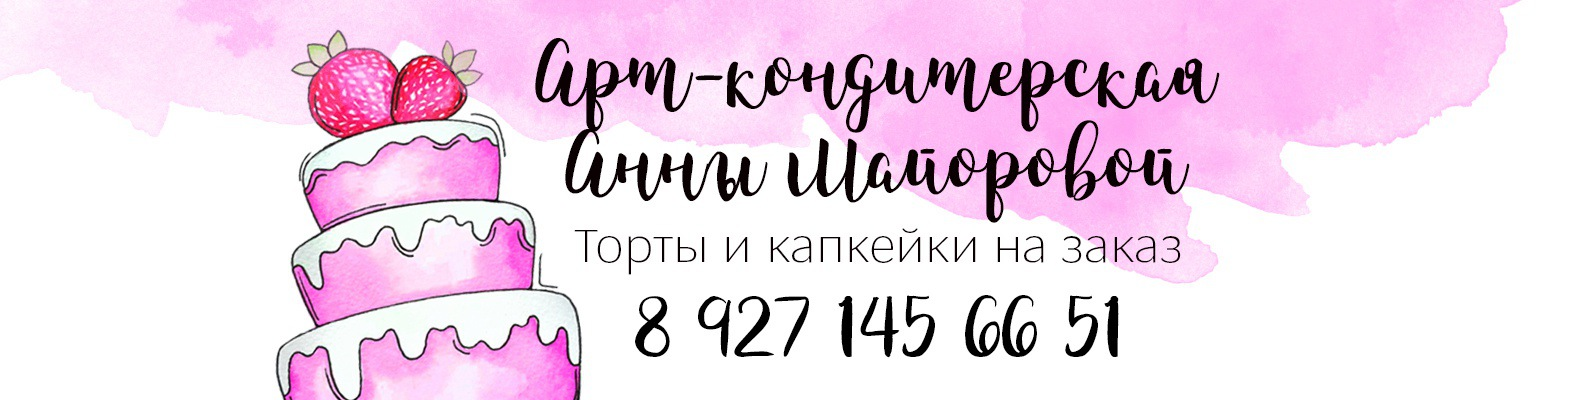 Довезу 64 - Саратов и область ВКонтакте